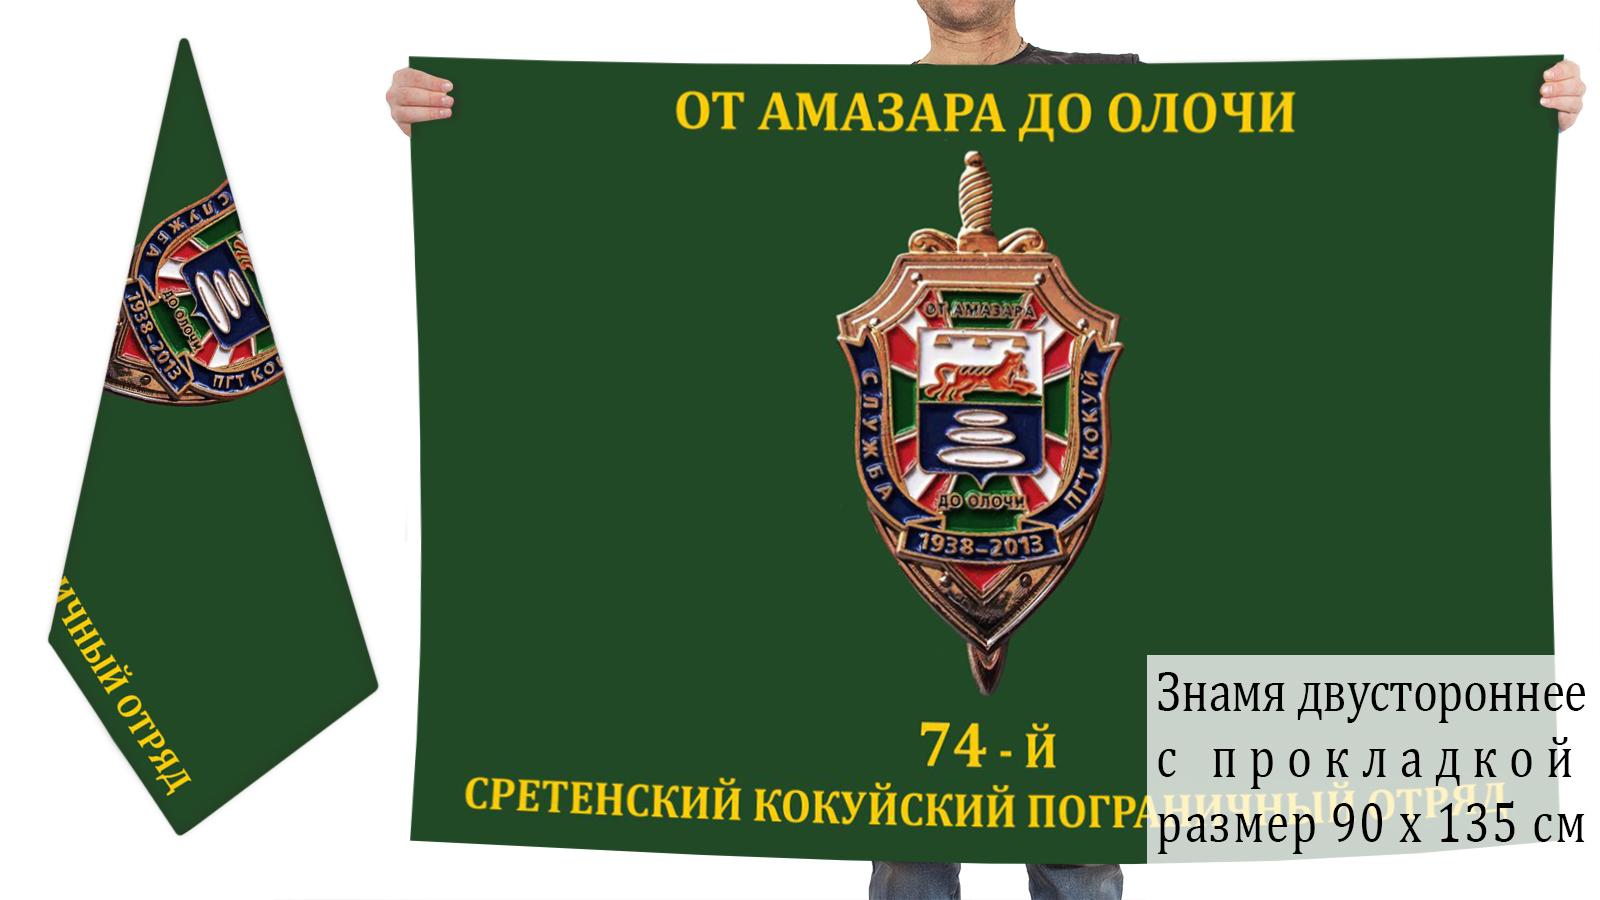 Двусторонний флаг 74 пограничного отряда